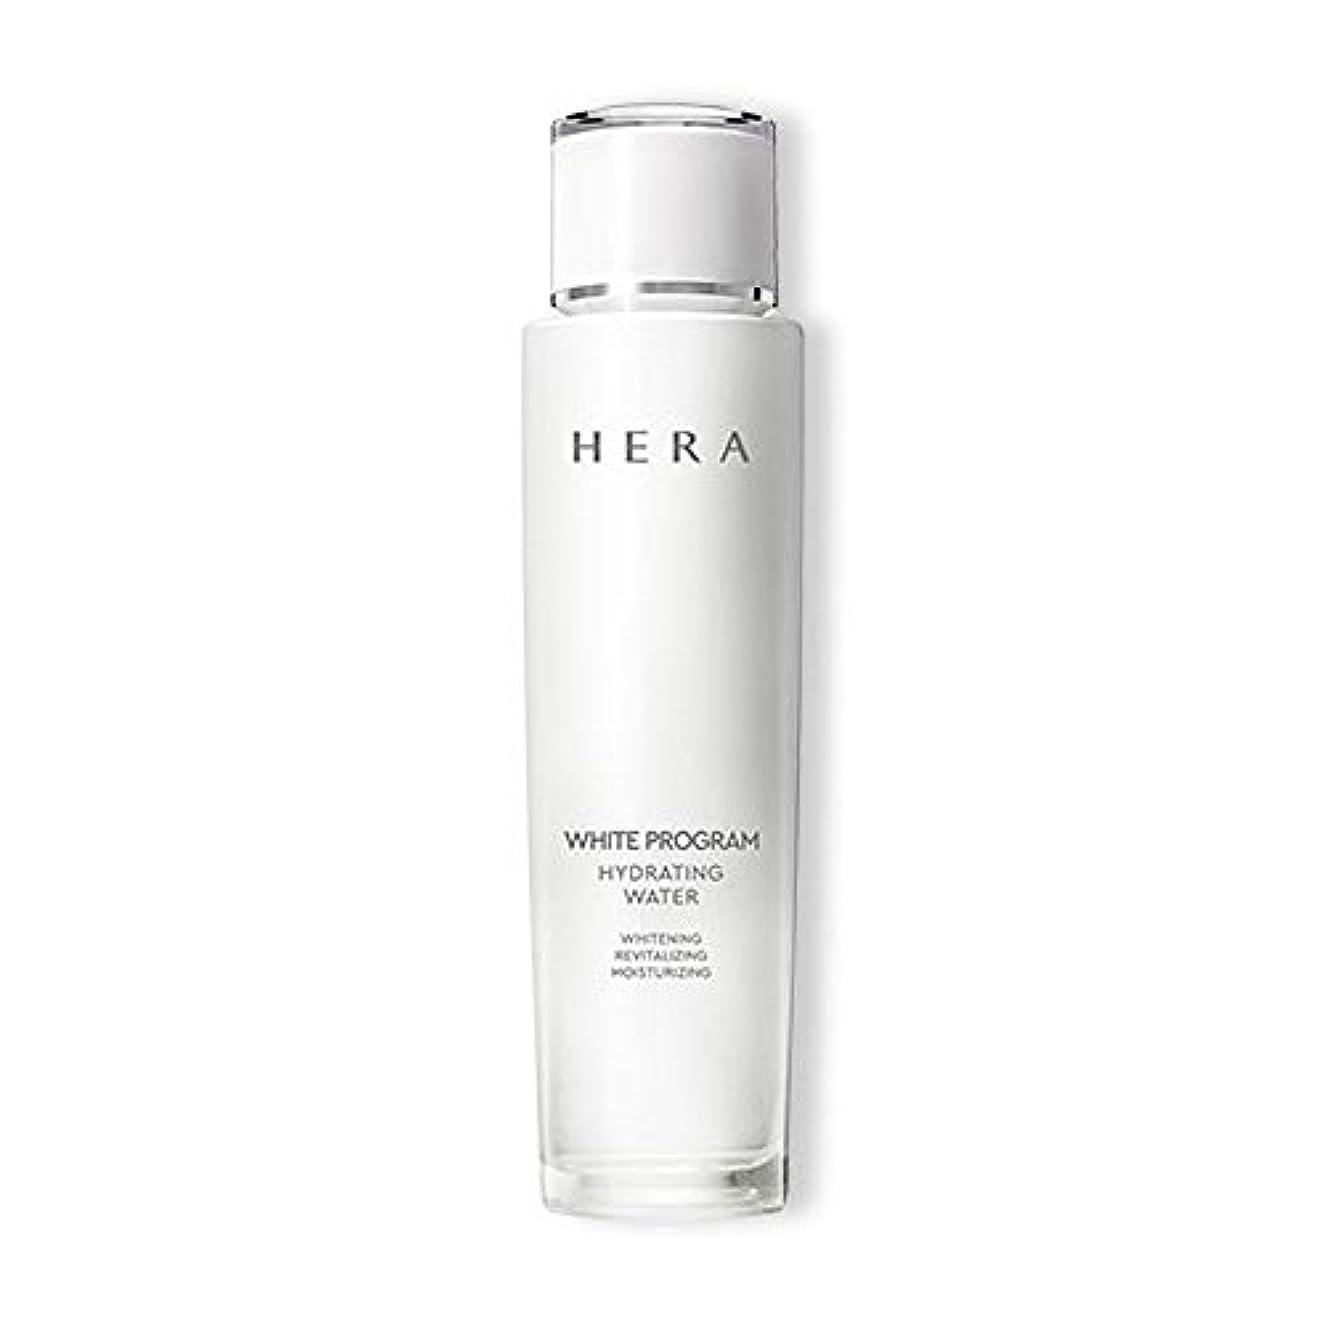 トライアスロン予測発表するHERA(ヘラ) ホワイトプログラムハイドロレイティングウォーター(化粧水)150ml